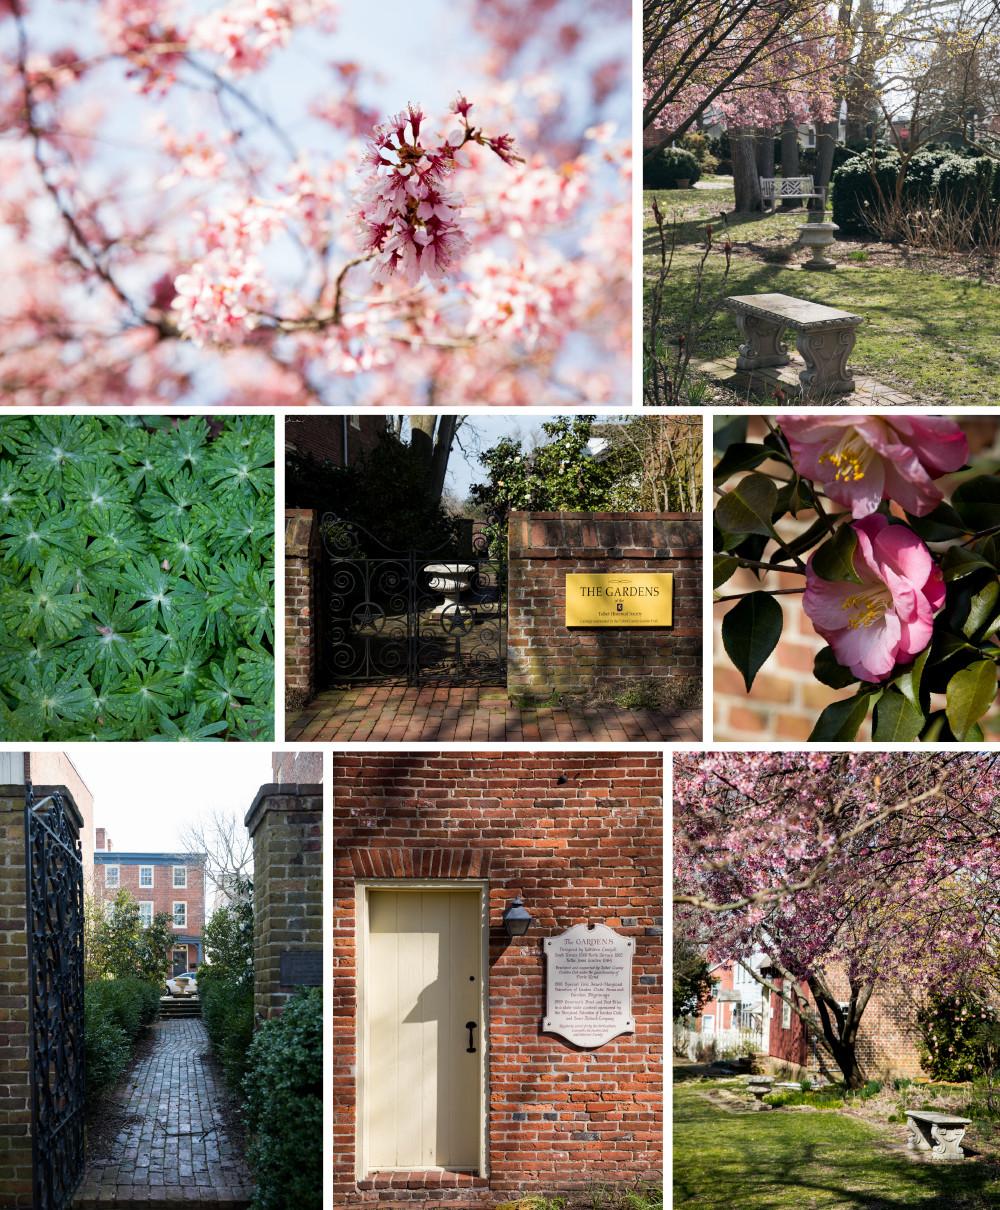 Talbot County: Talbot County Historical Society Gardens